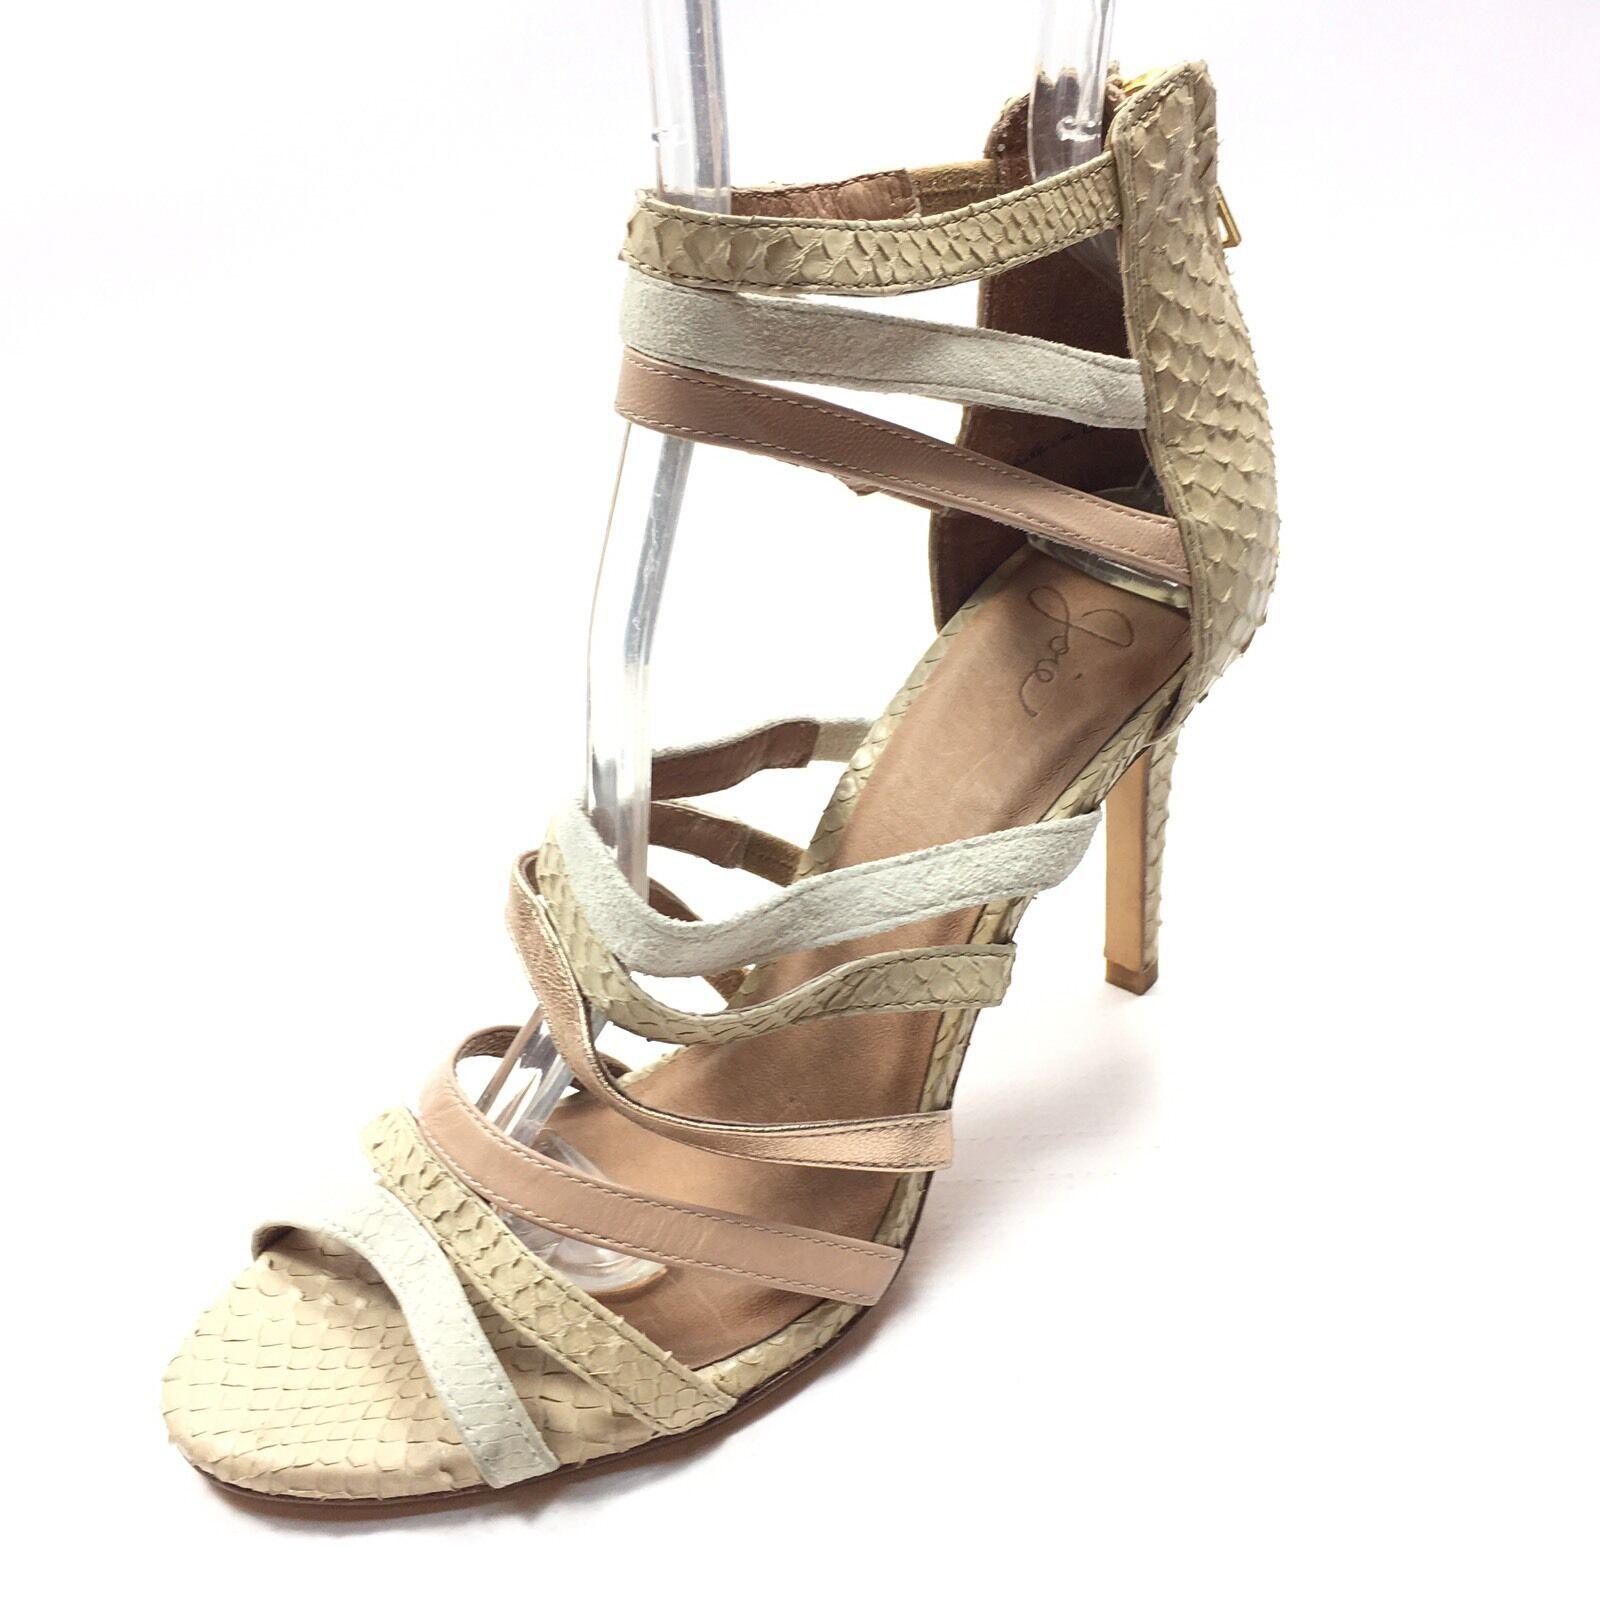 economico e alla moda Joie Joie Joie Zee High Heel Stiletto Beige Multi Leather Suede Sandals Donna  Dimensione 36 M  prendiamo i clienti come nostro dio